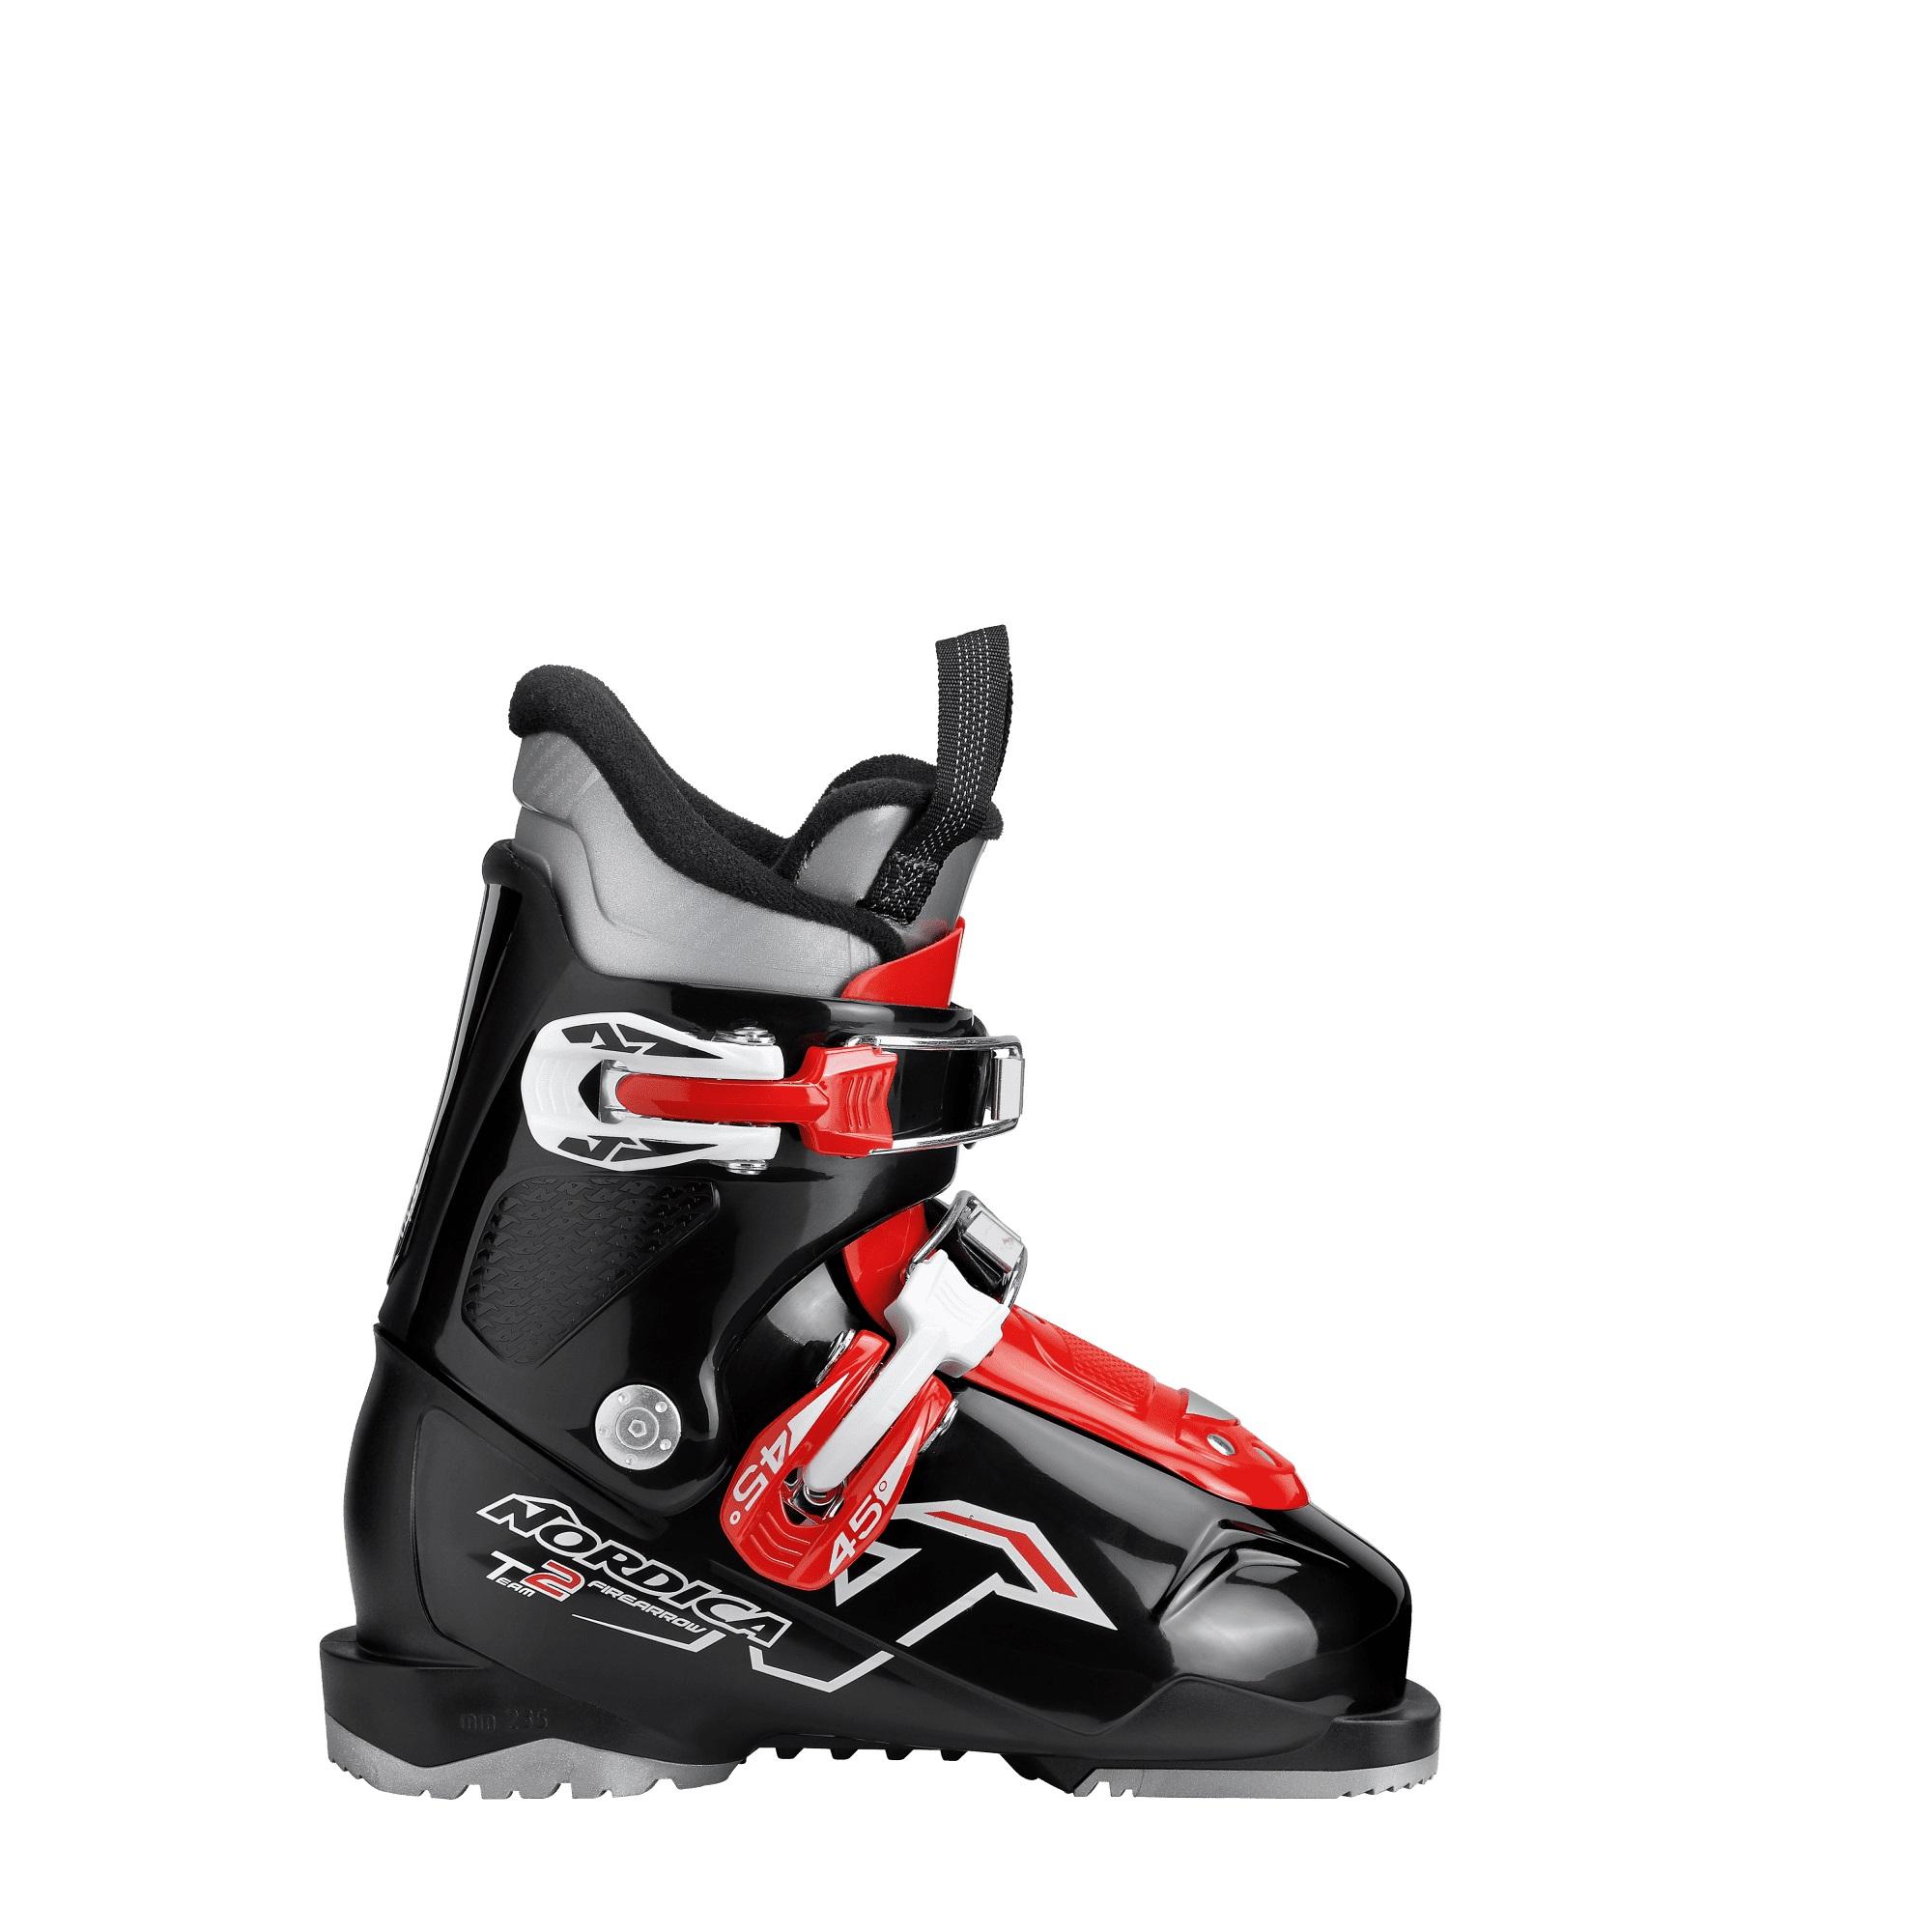 Nordica Firearrow Team 2 - scarponi sci da sci scarponi bambino 6d6370